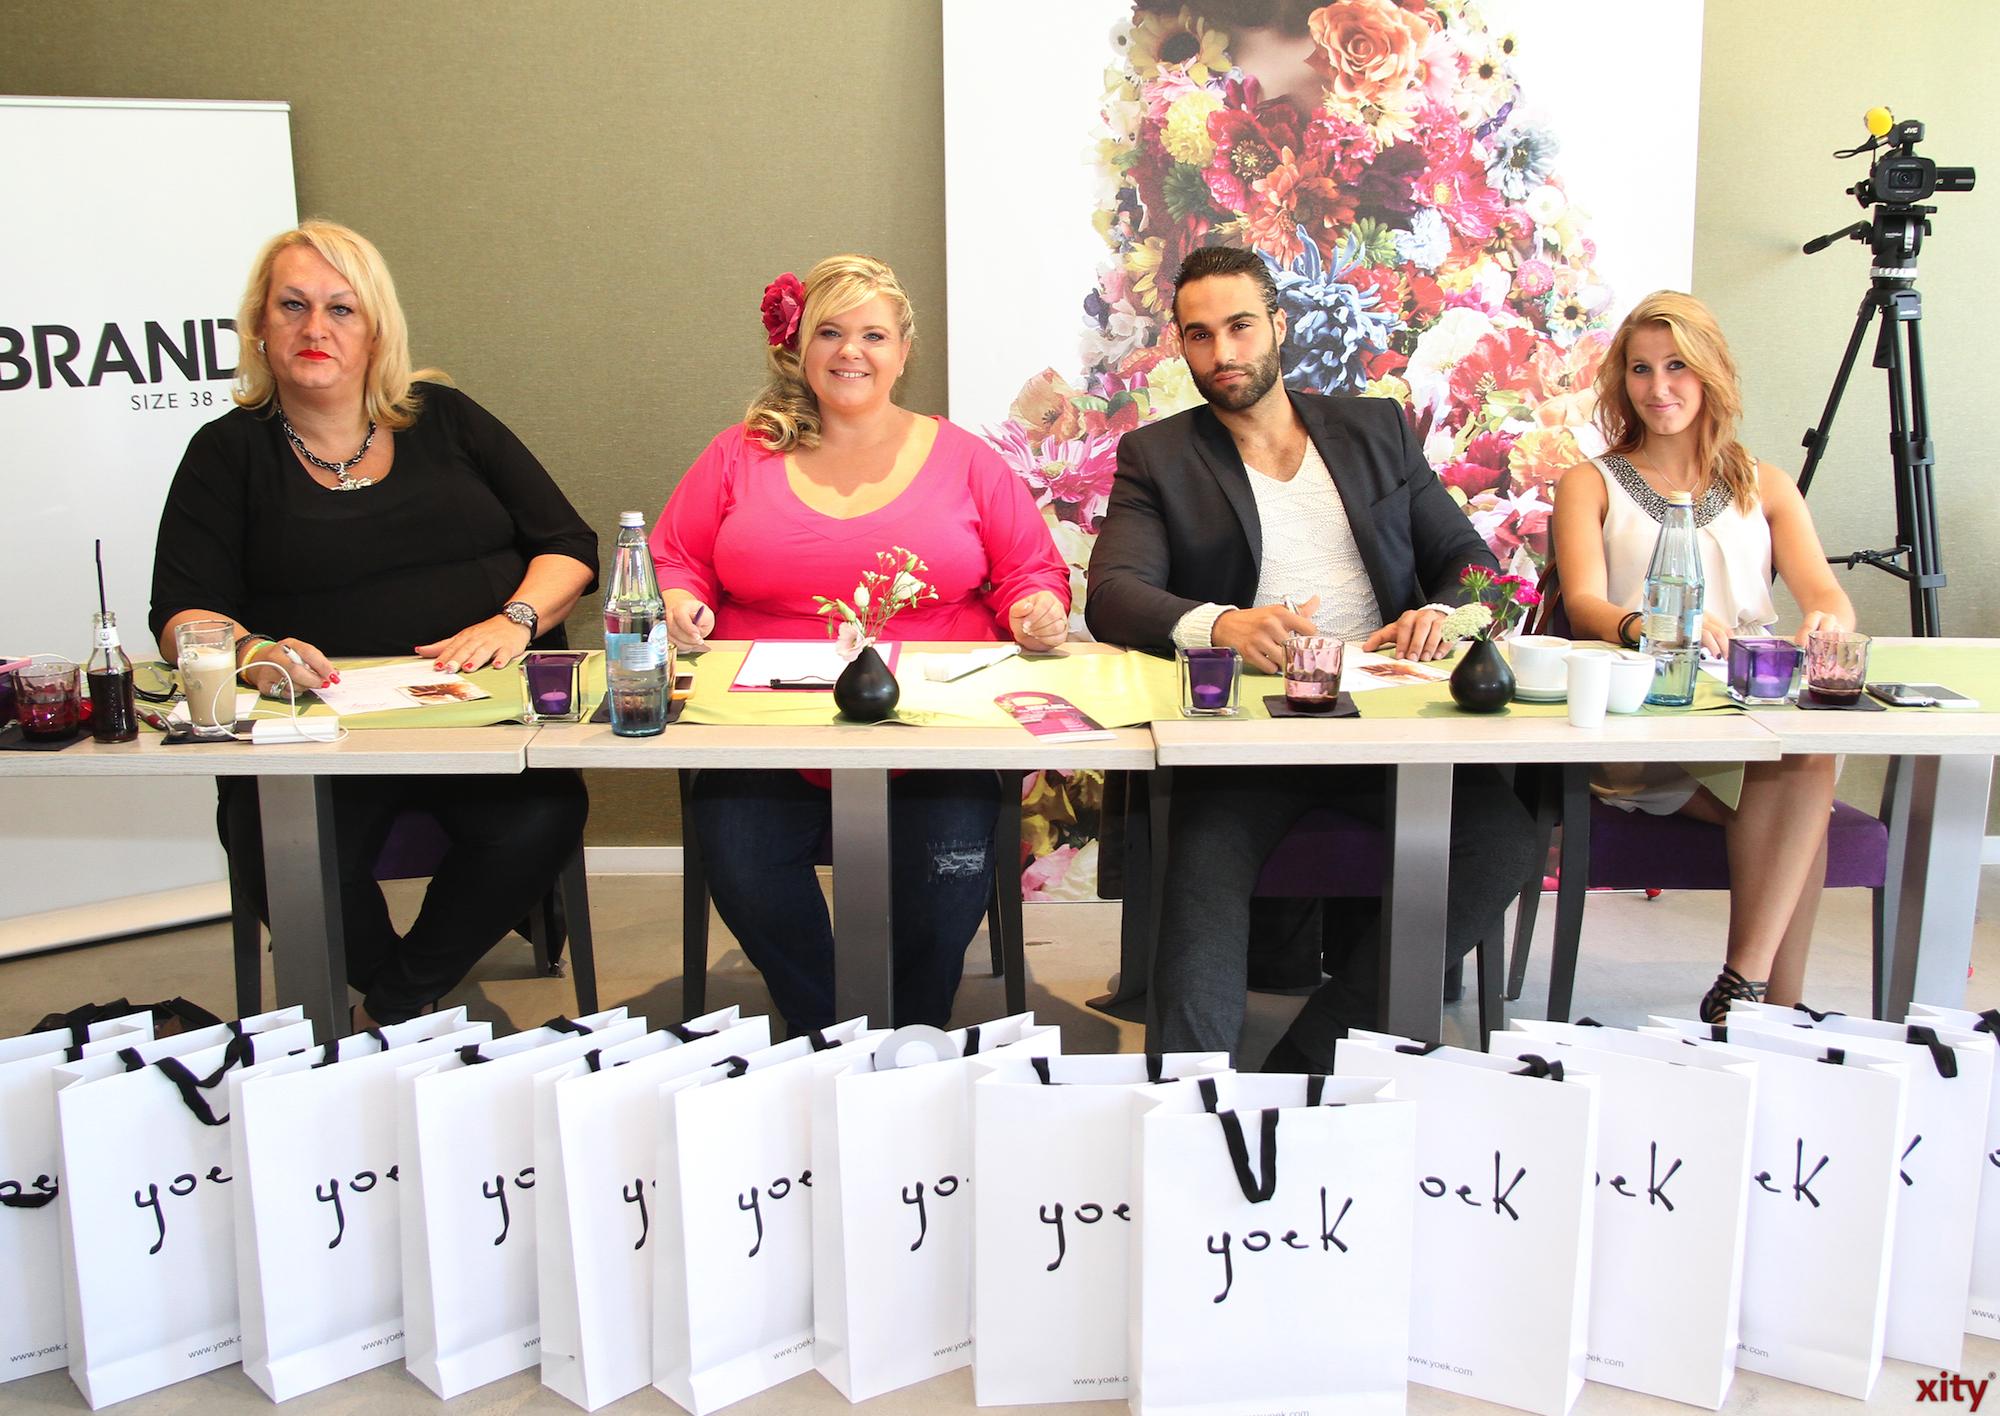 Die Jury bestand aus Käthe Köstlich, David Ortega Arenas, Karolin Grun und Melanie Hauptmanns.  (Foto: xity)